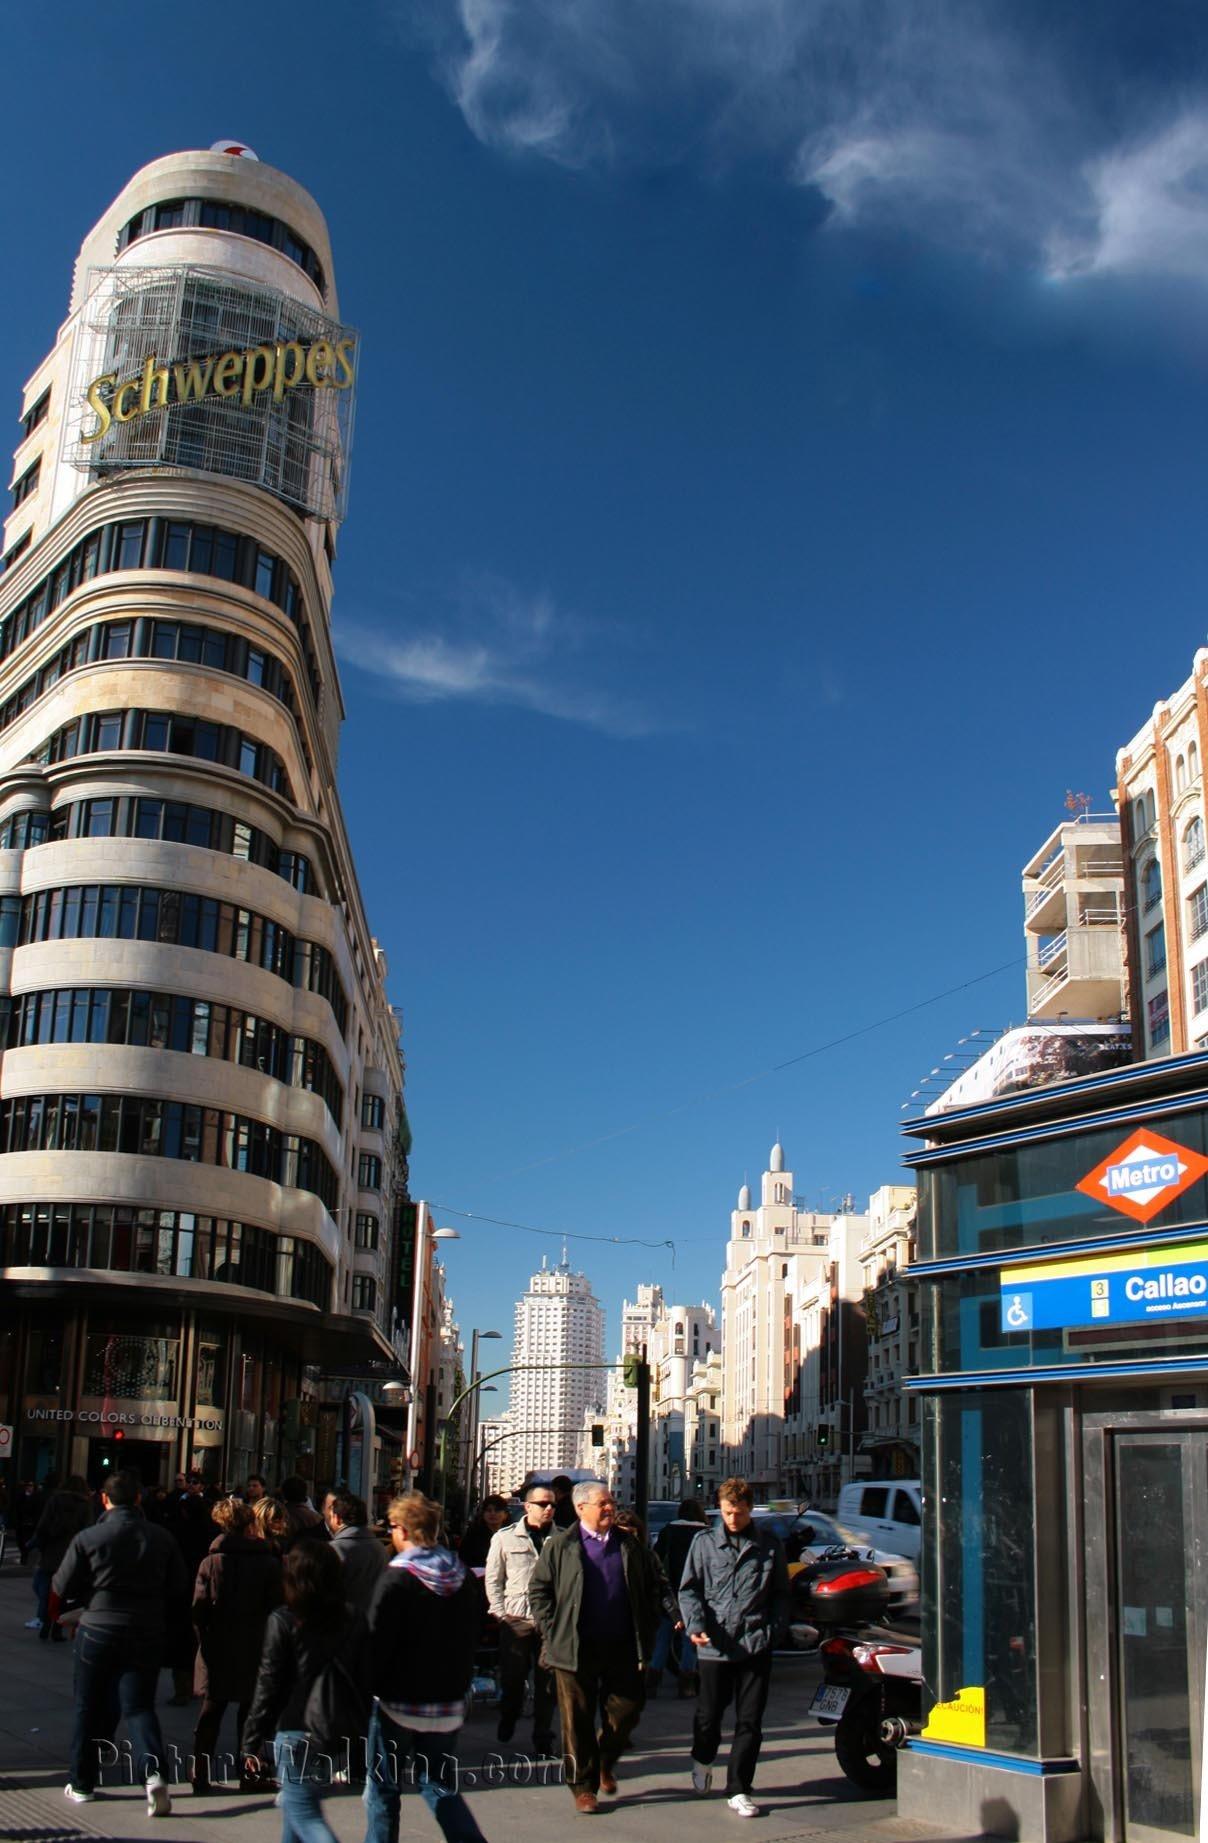 Plaza Callao vista hacia Plaza España